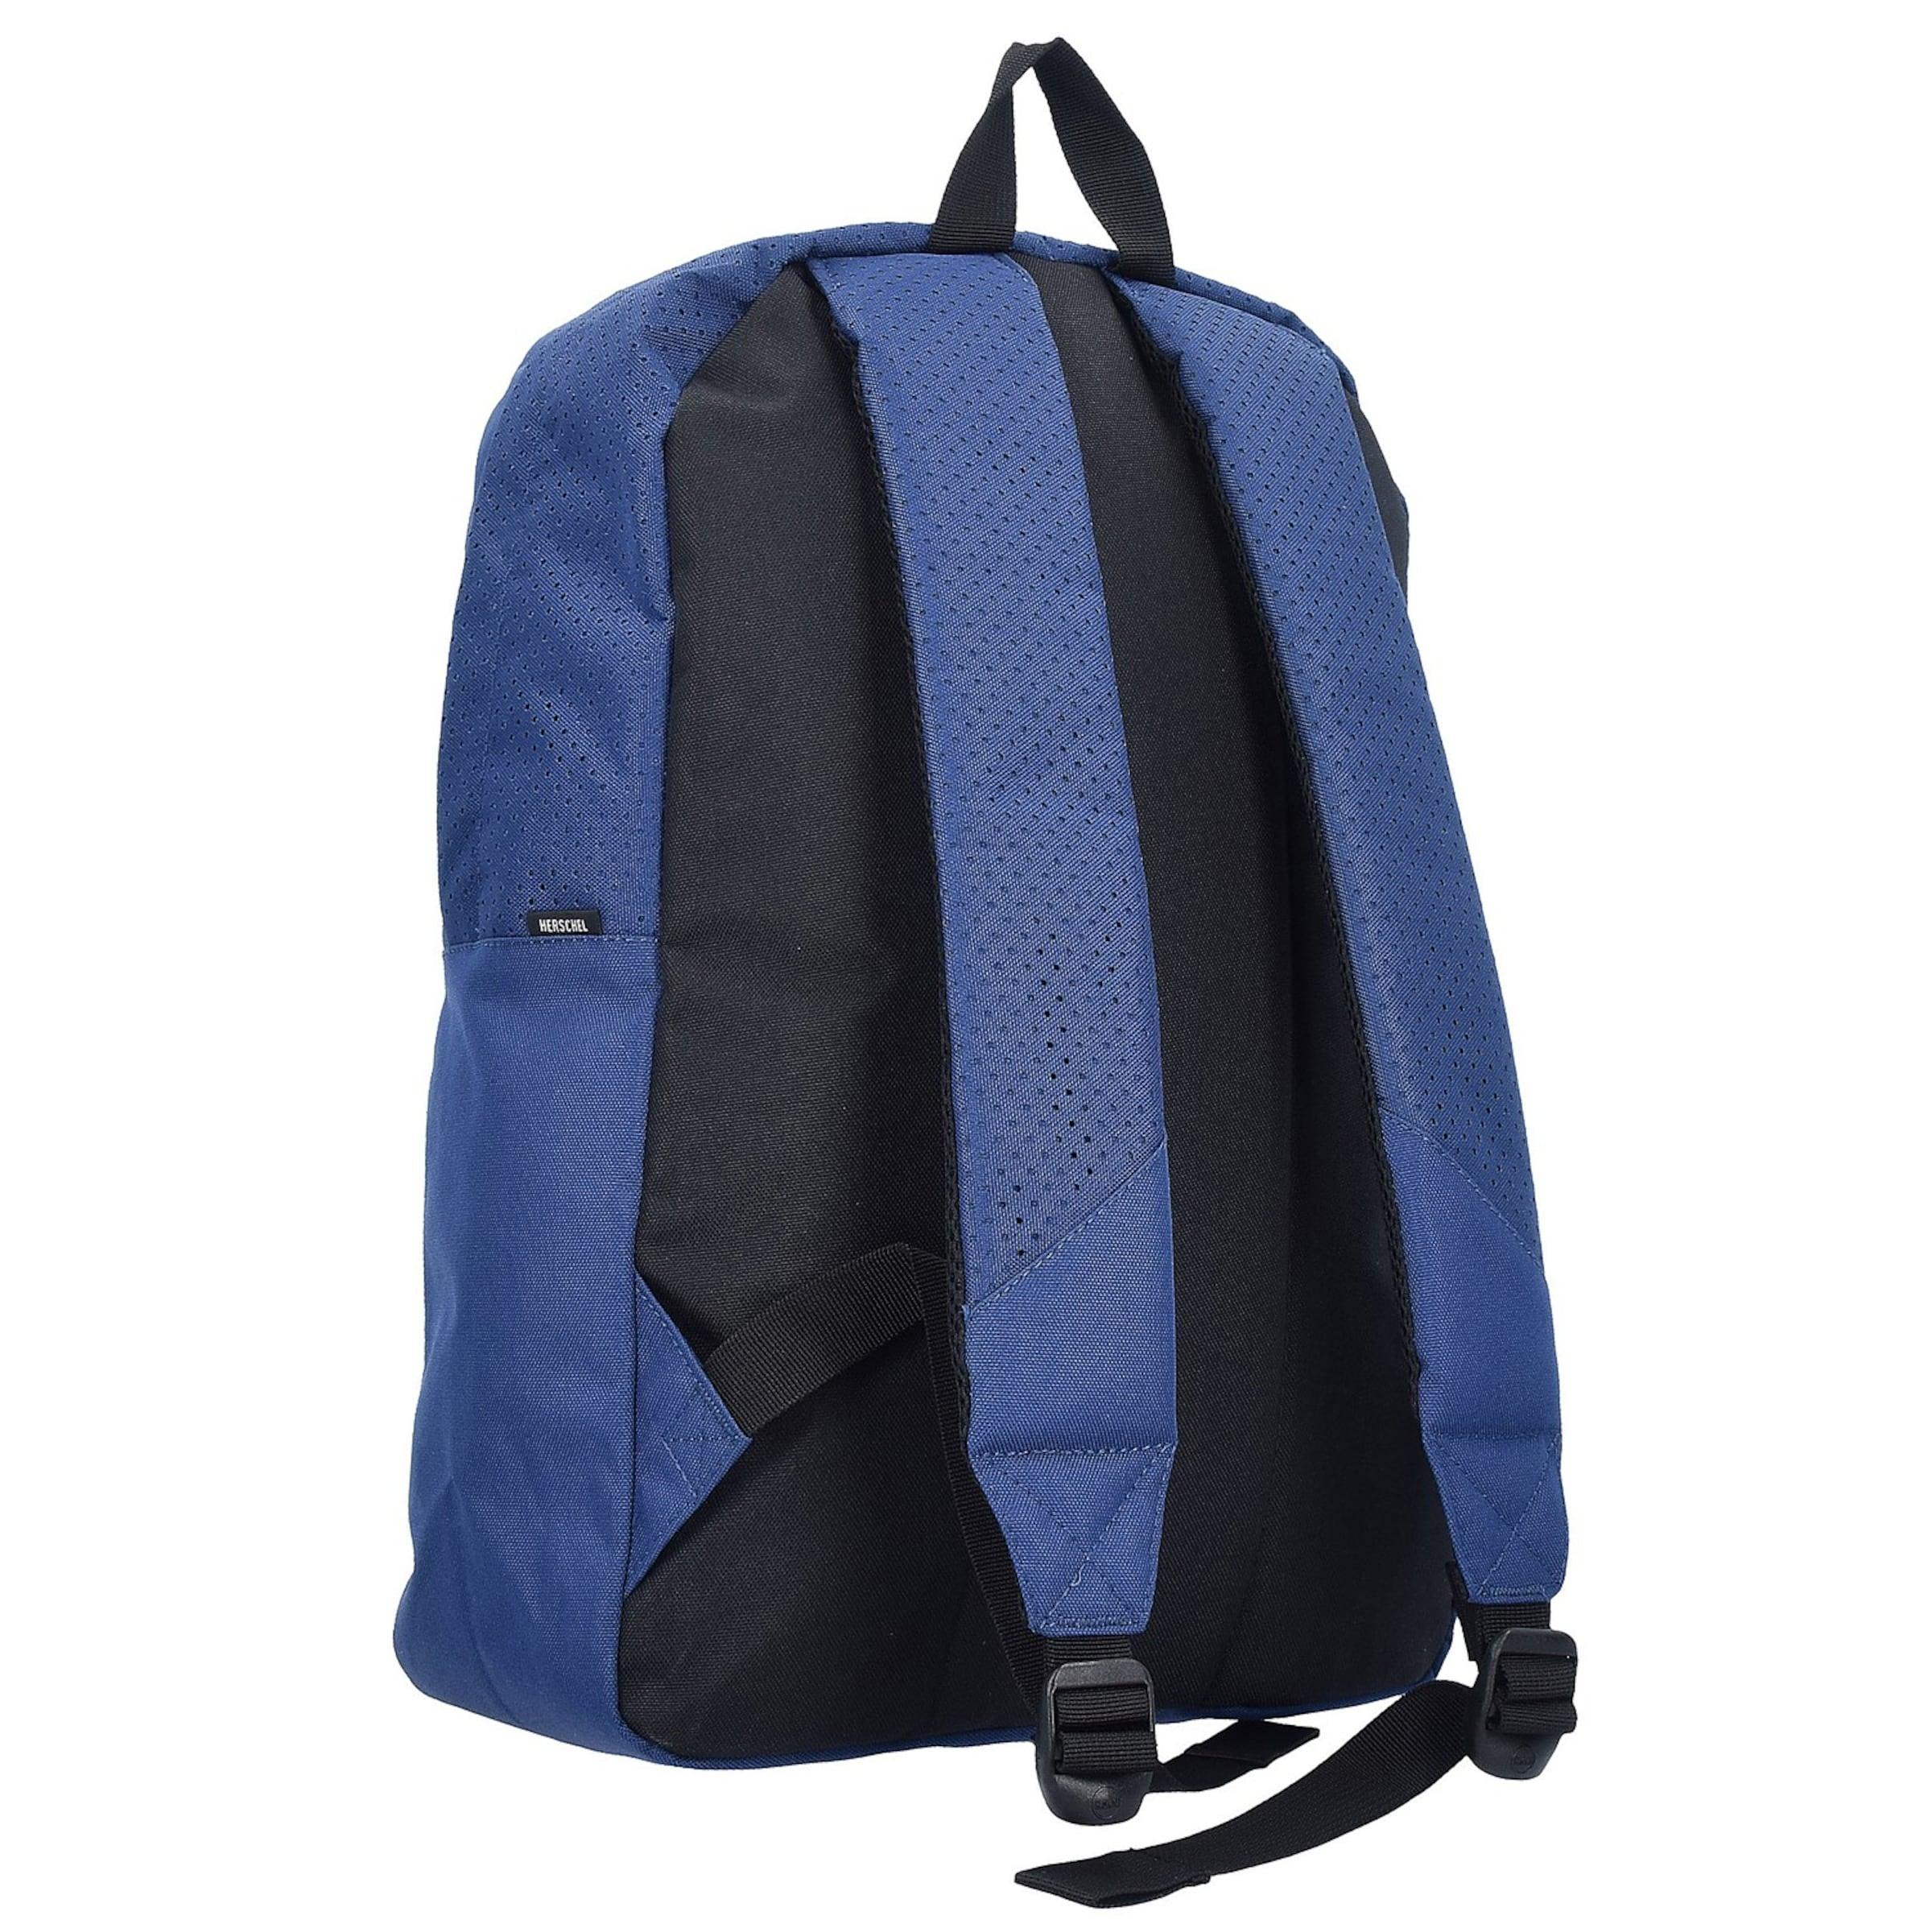 Empfehlen Verkauf Online Wirklich Günstig Online Herschel Heritage 17 Backpack Rucksack 47 cm Laptopfach Begrenzt tdcleE